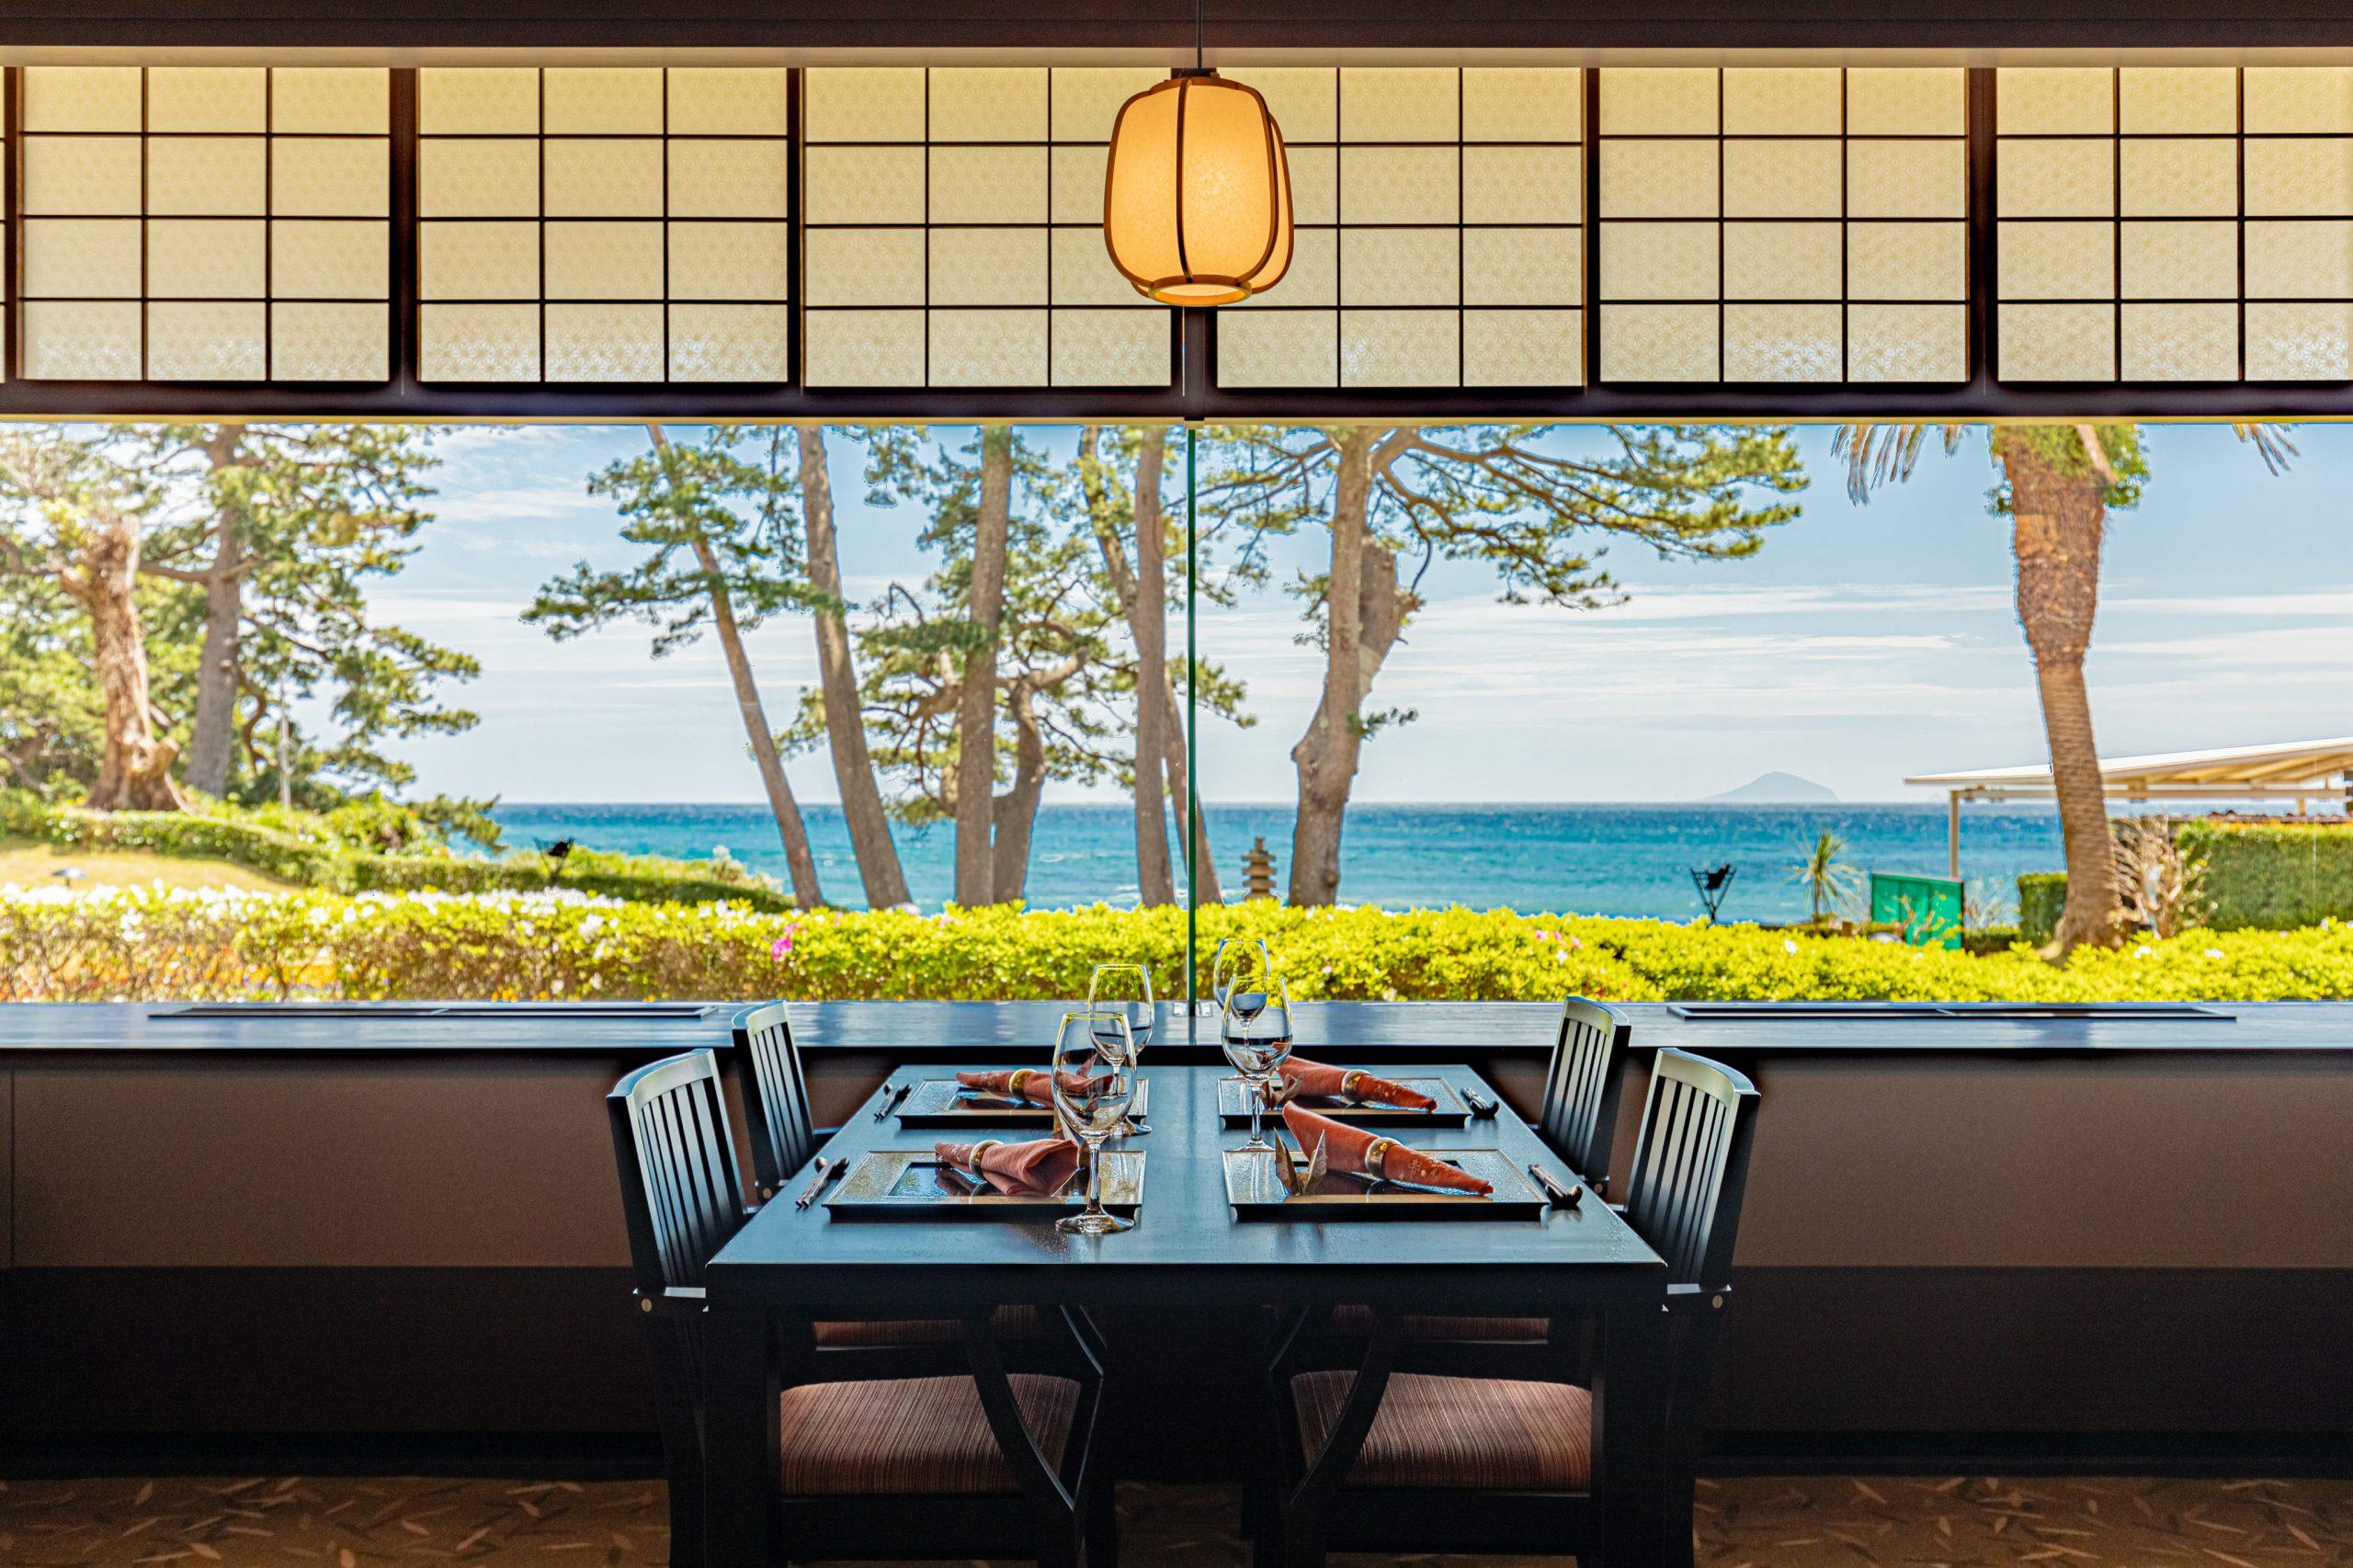 日本料理「七滝」 数奇屋造りの温もりのある和の佇まいの中で、伊豆七島の景色を眺めながら、伊勢海老や金目鯛など伊豆の旬の味覚をお楽しみください